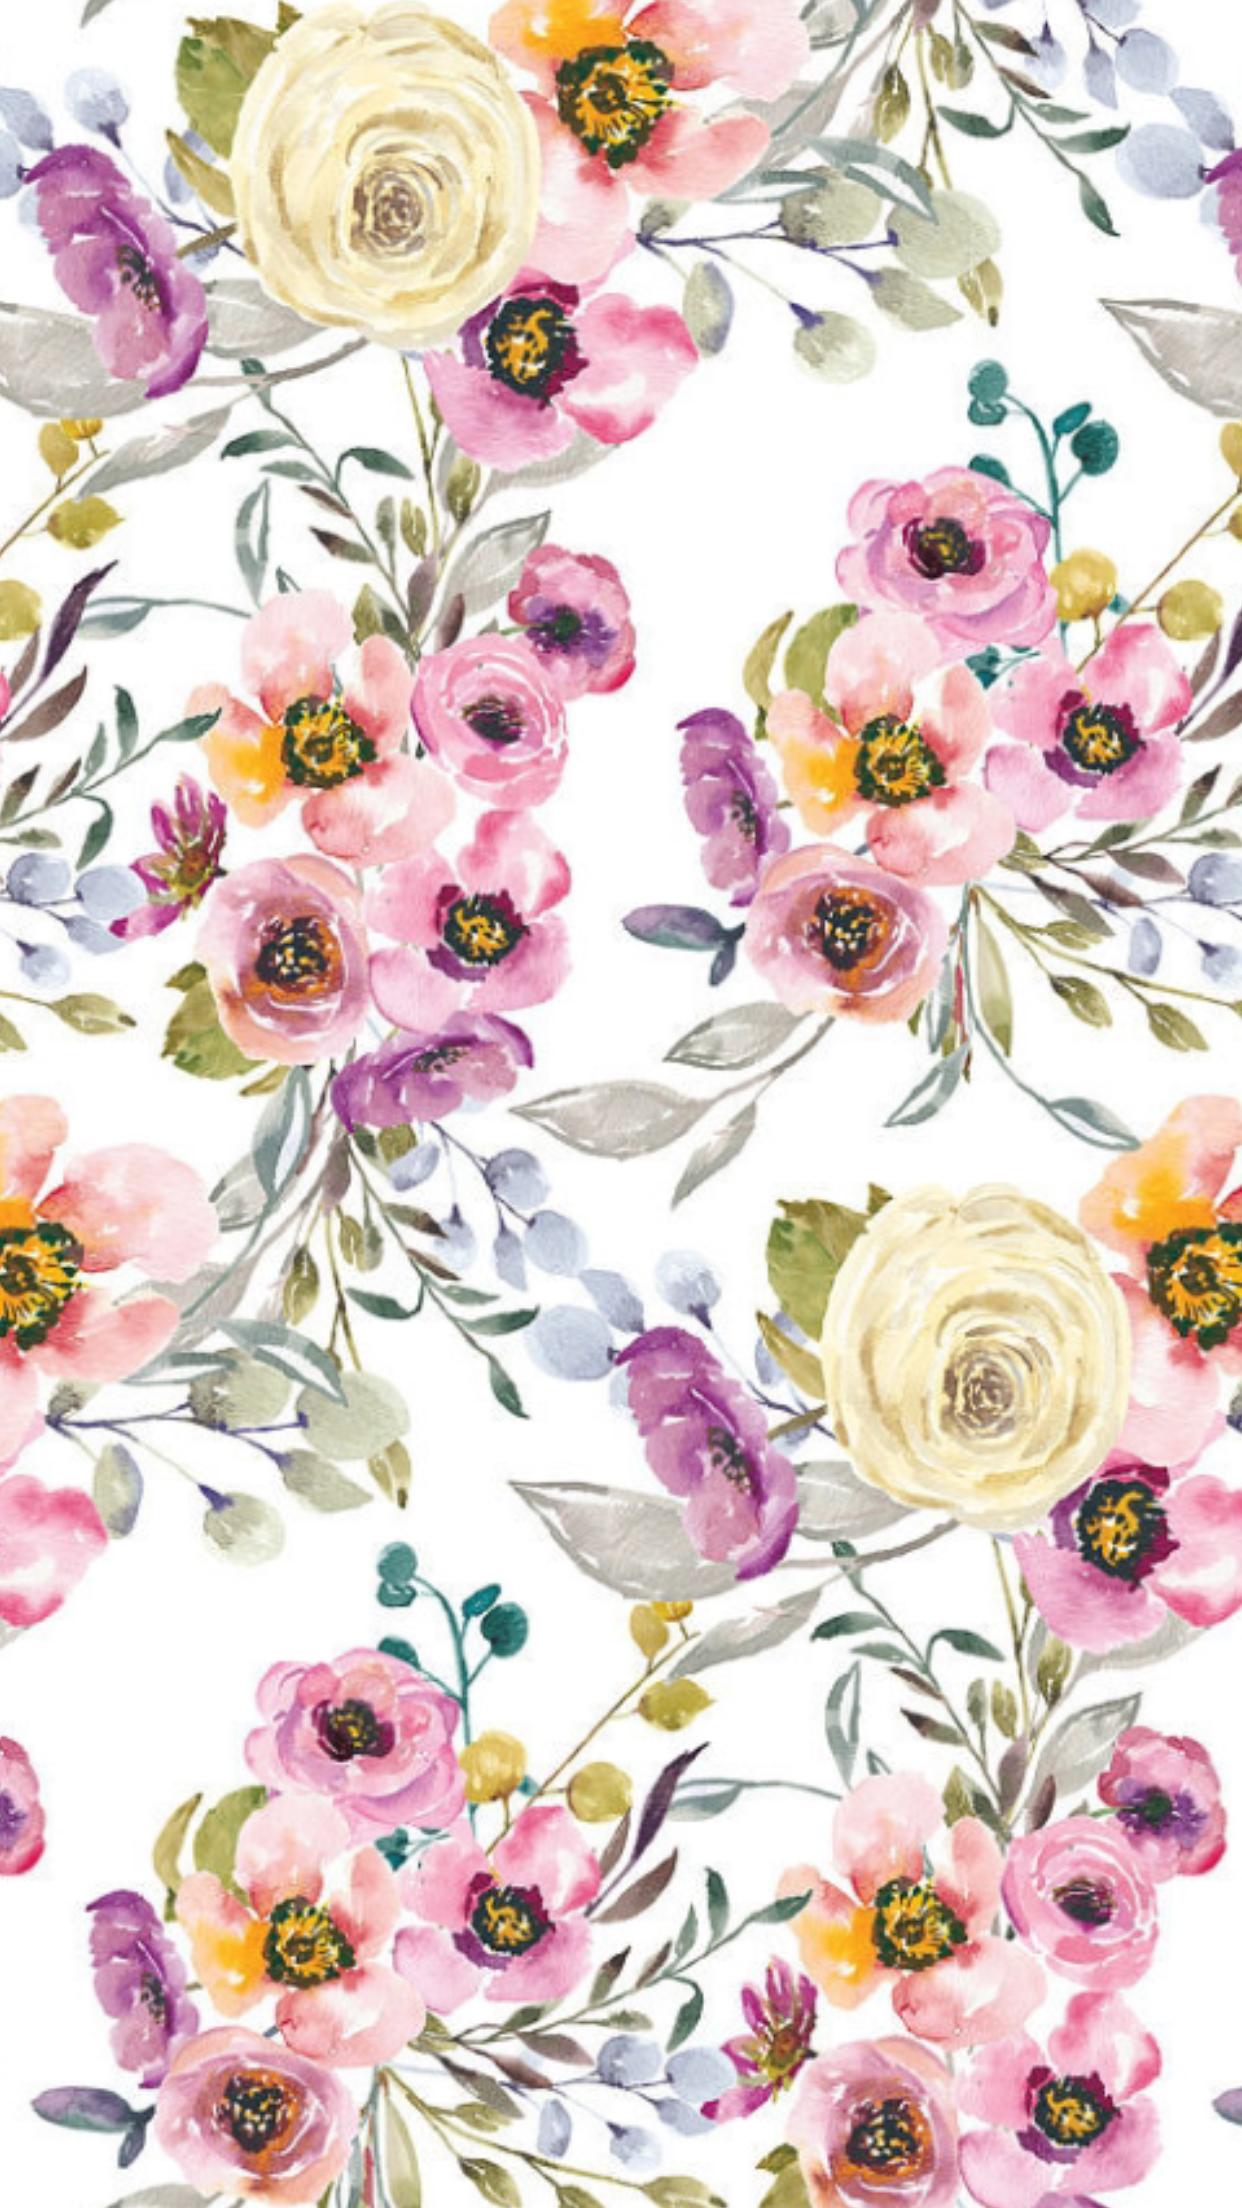 ᴮᵞᵛᴵ ᵞᴼᵁ Flower Wallpaper Iphone Wallpaper